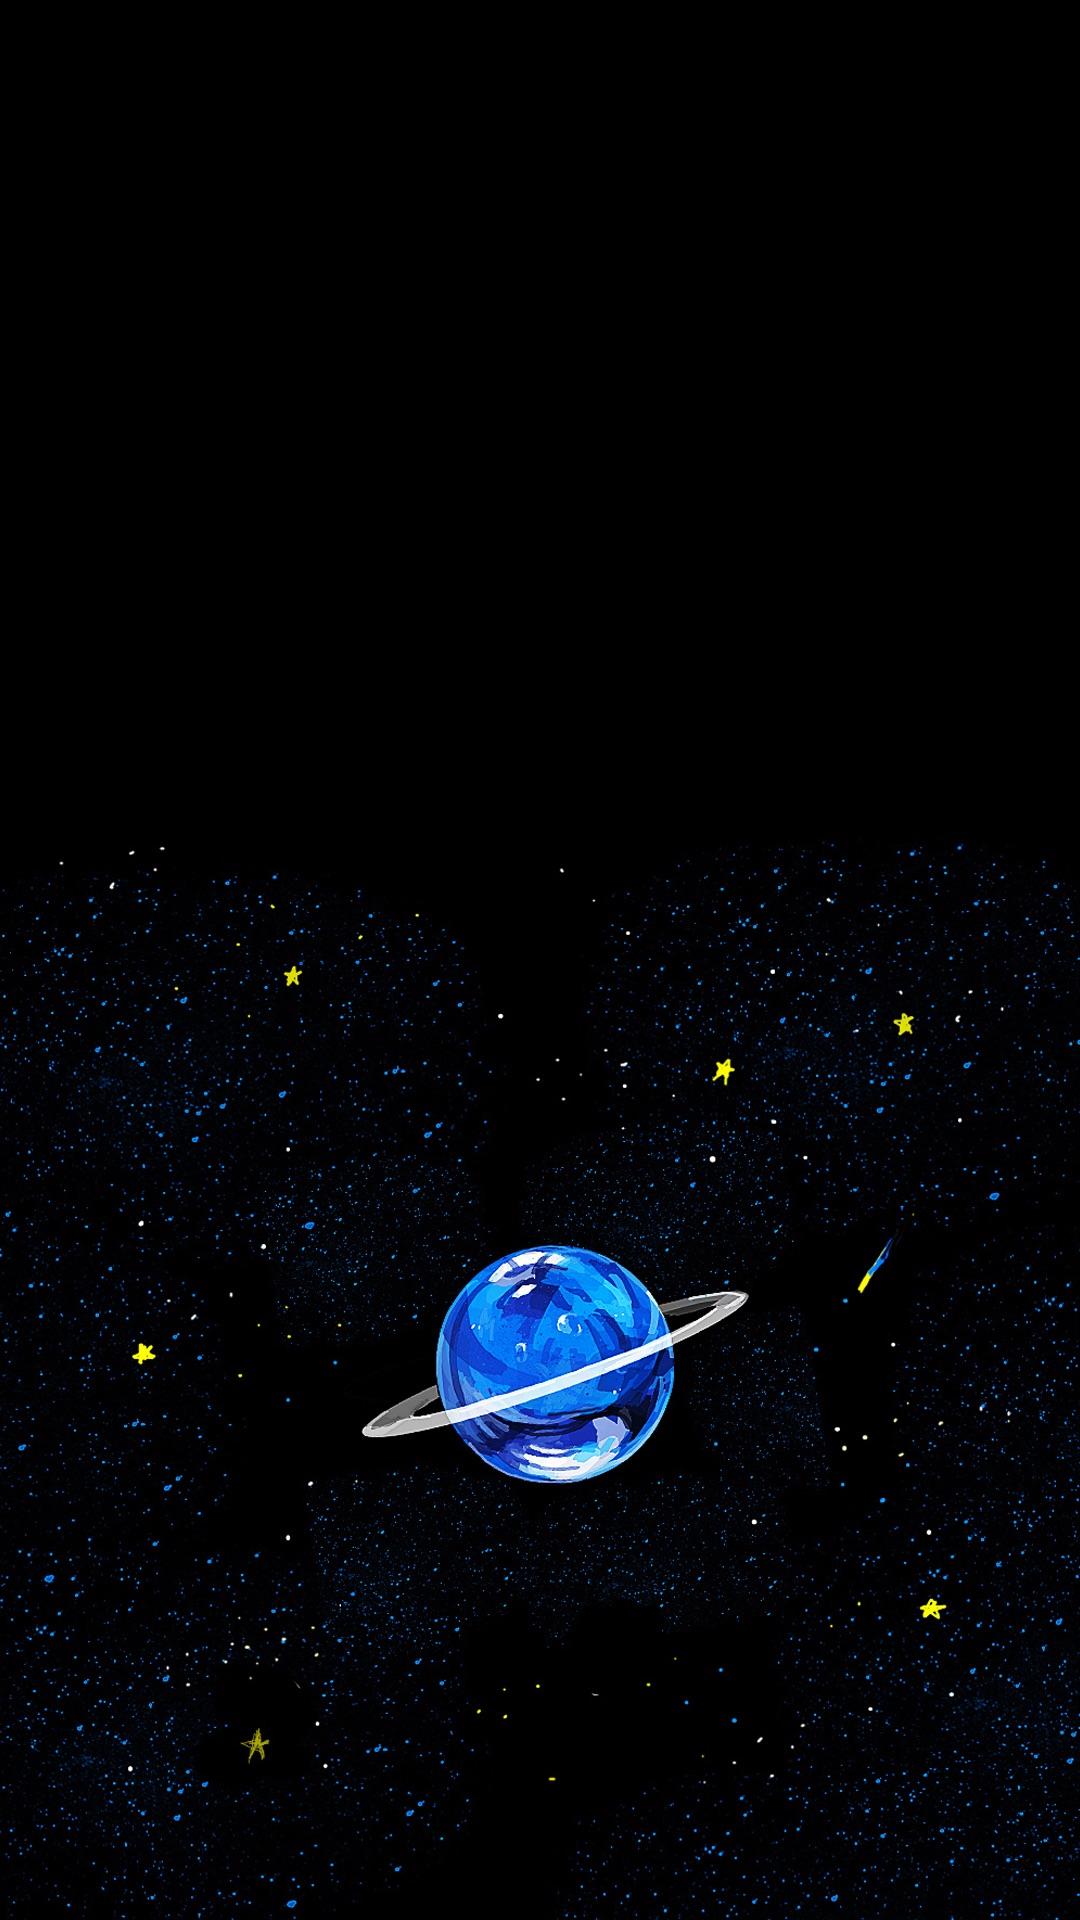 地球 宇宙 手绘 黑色 星空